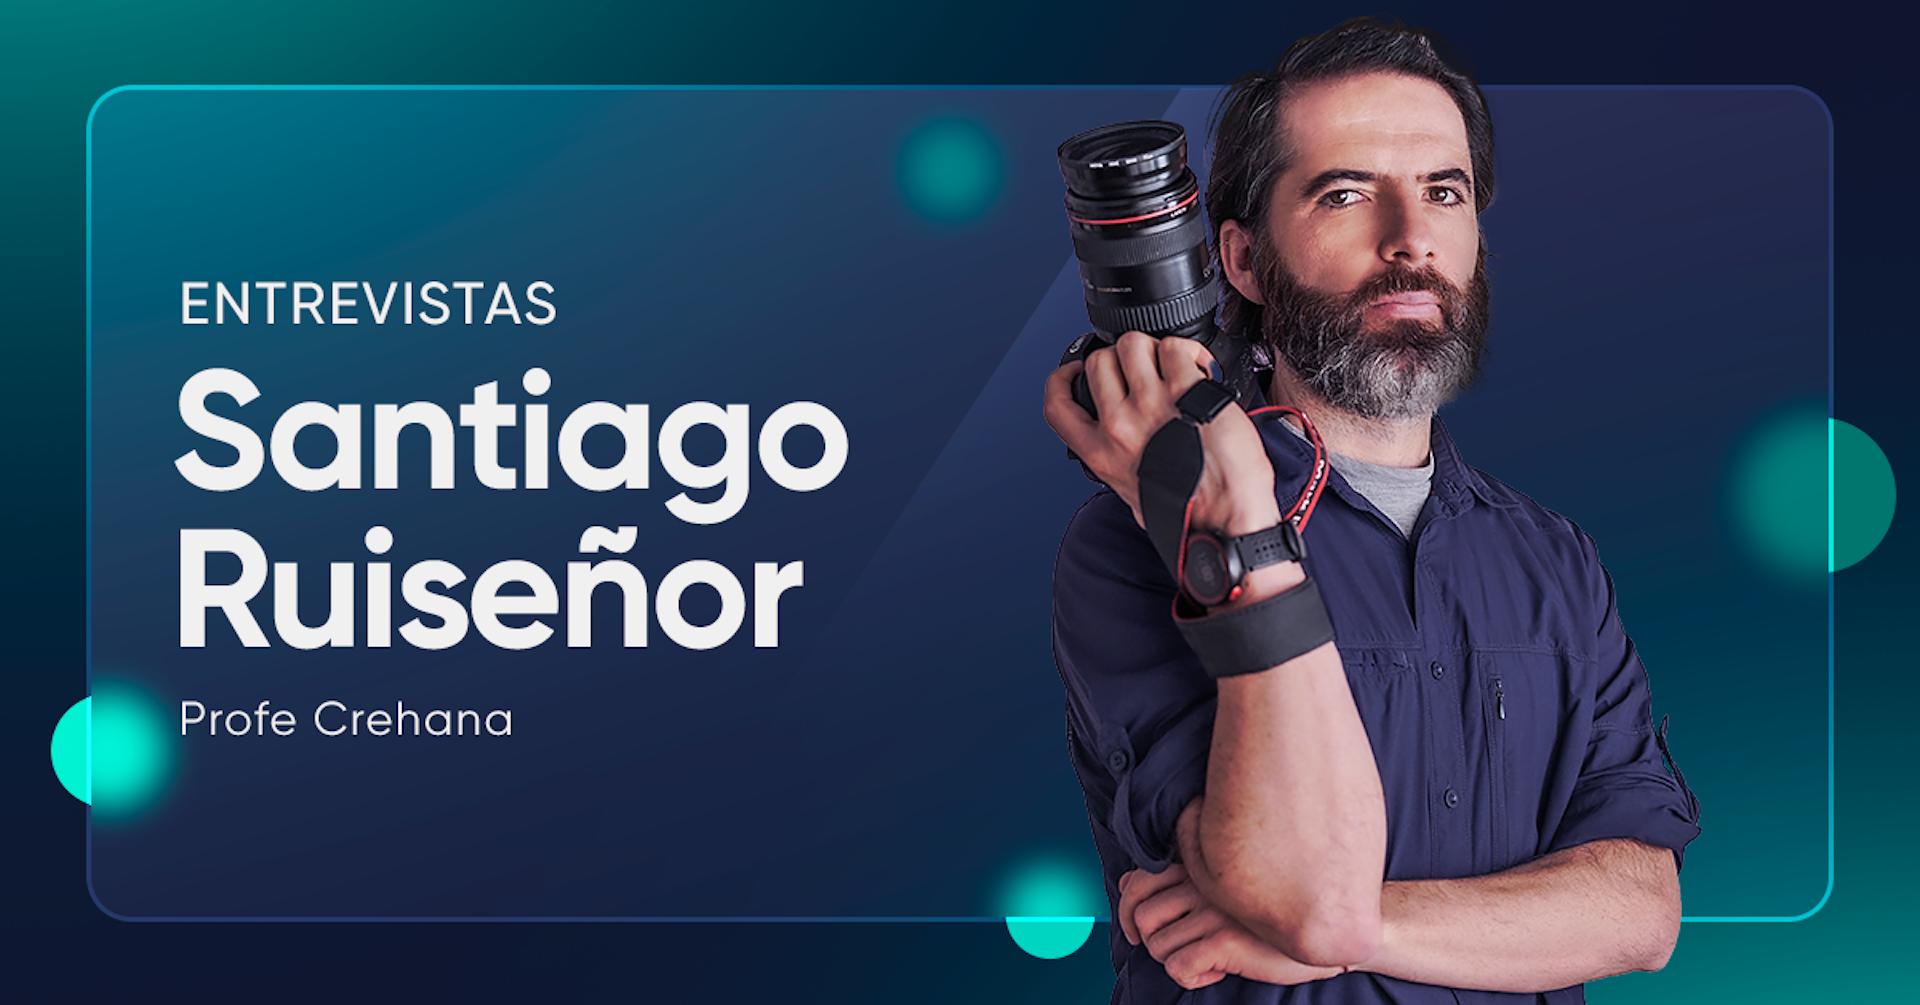 Santiago Ruiseñor o ¿cómo es dominar el lenguaje de la luz?